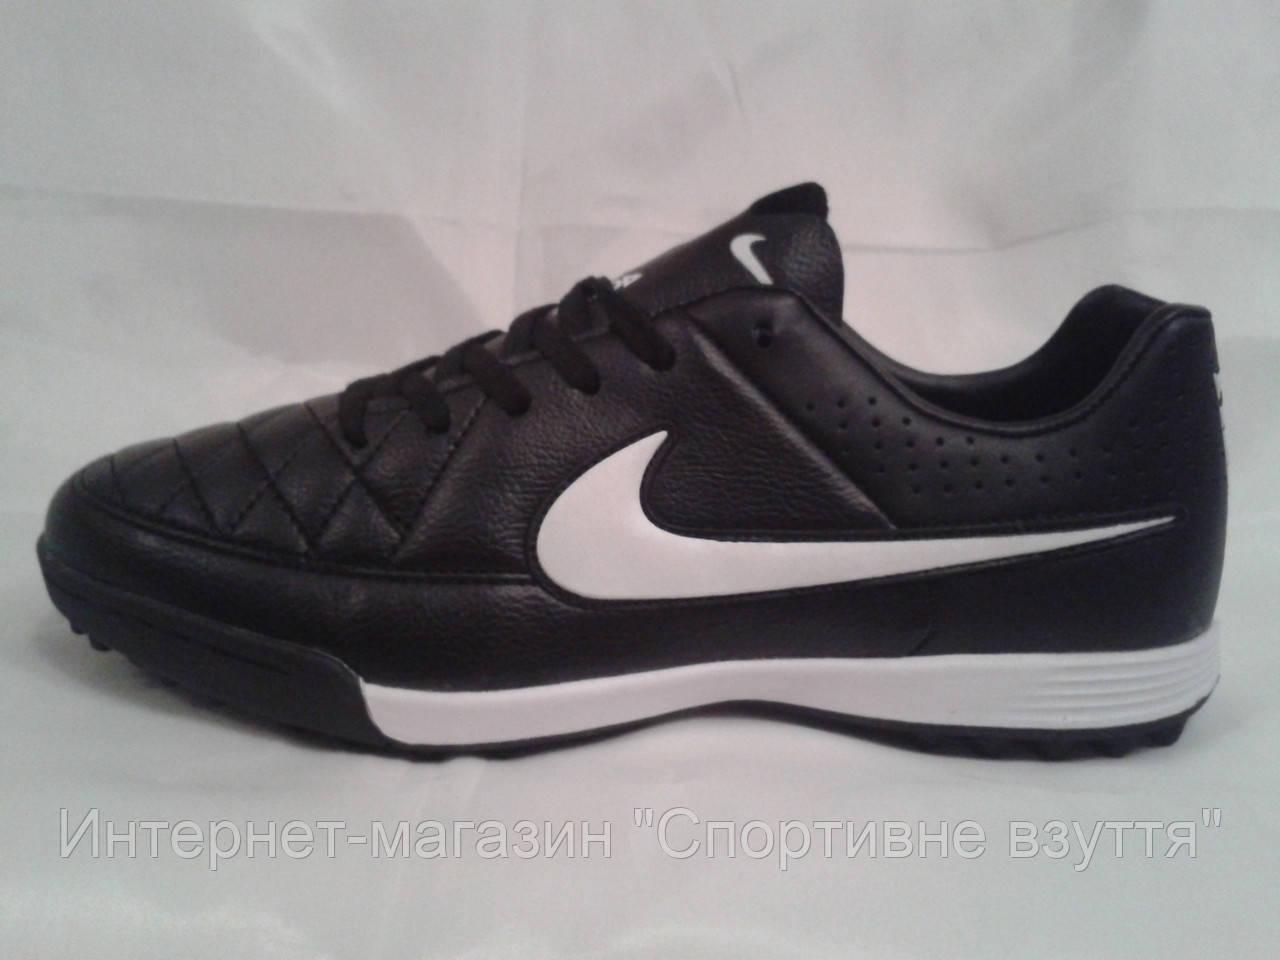 8b697701 Сороконожки Nike Tiempo , цена 582,20 грн., купить в Киеве — Prom.ua ...